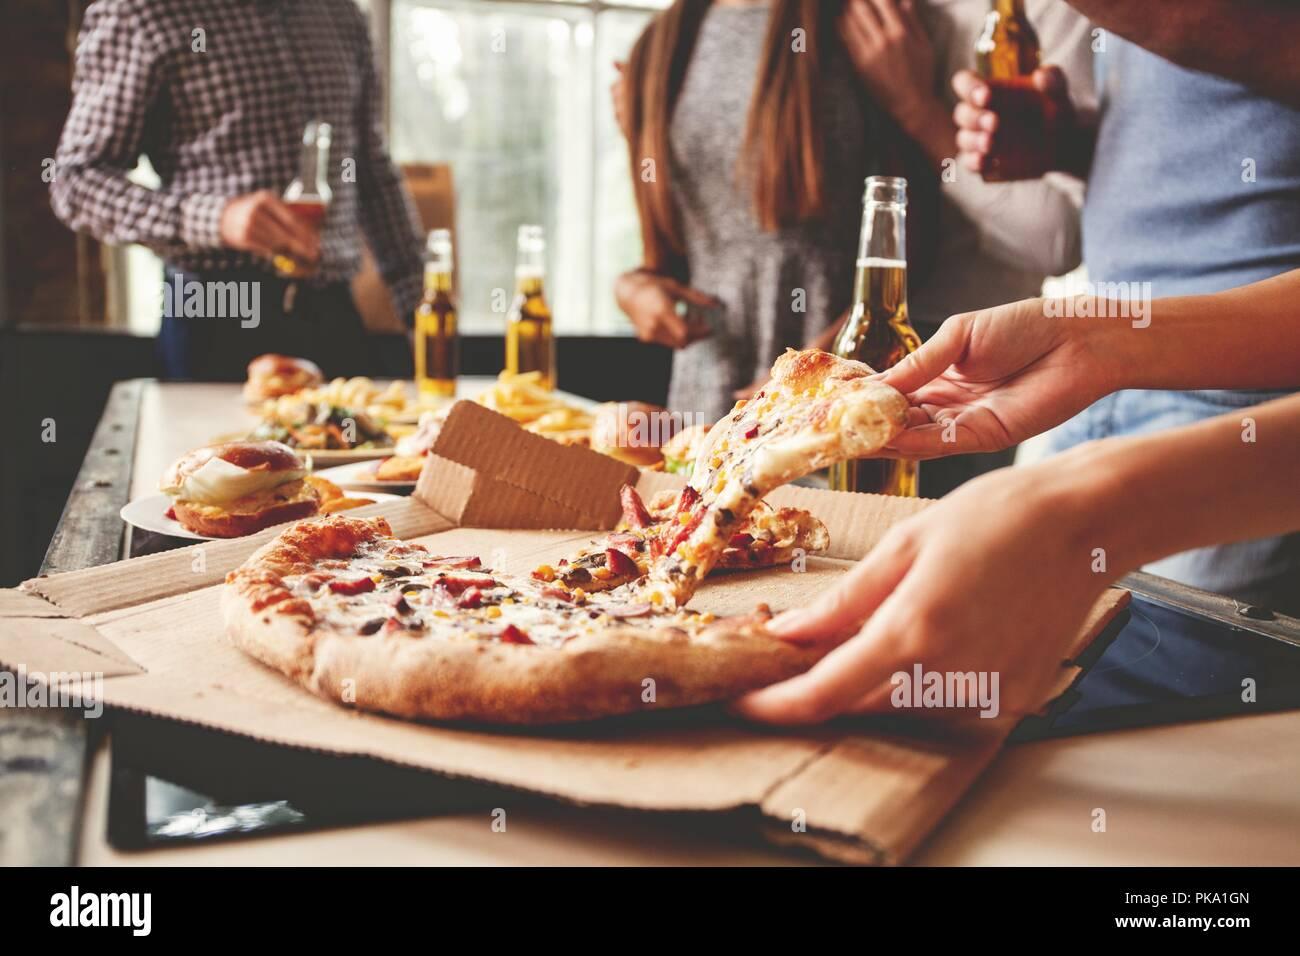 Amigos teniendo cortes de deliciosa pizza de la placa, vista cercana. Imagen De Stock